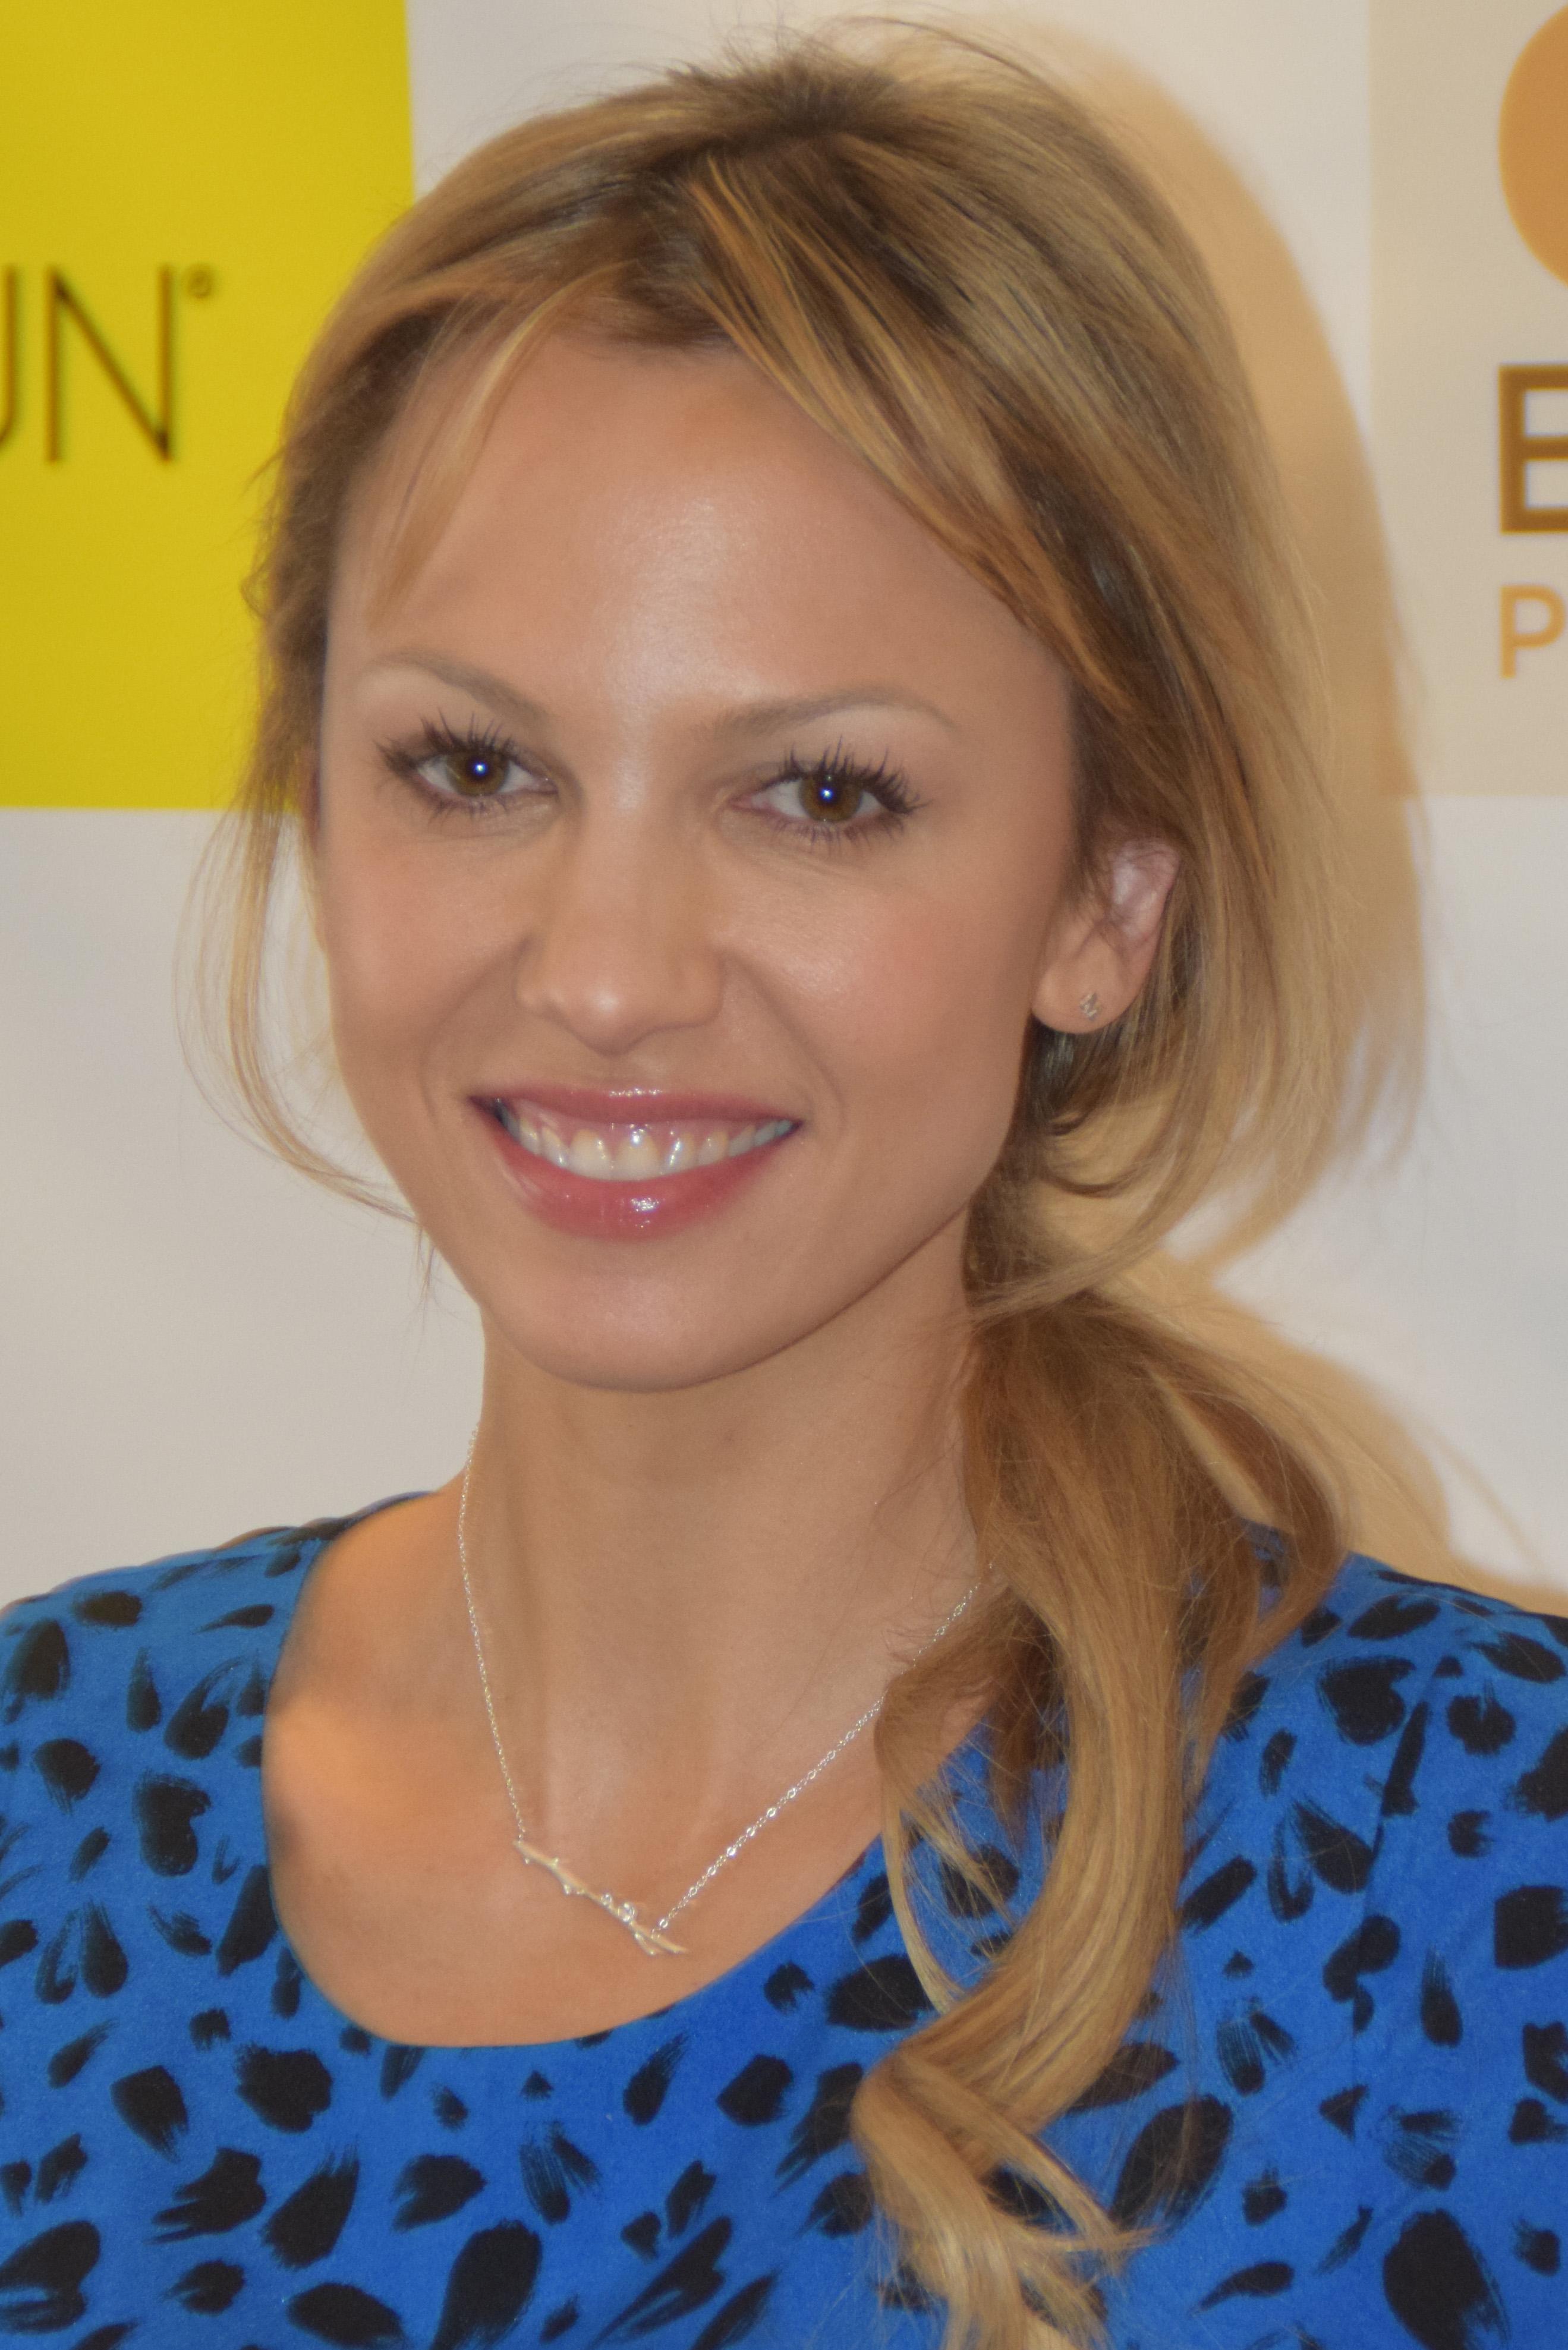 pics Elizabeth Patterson (actress)